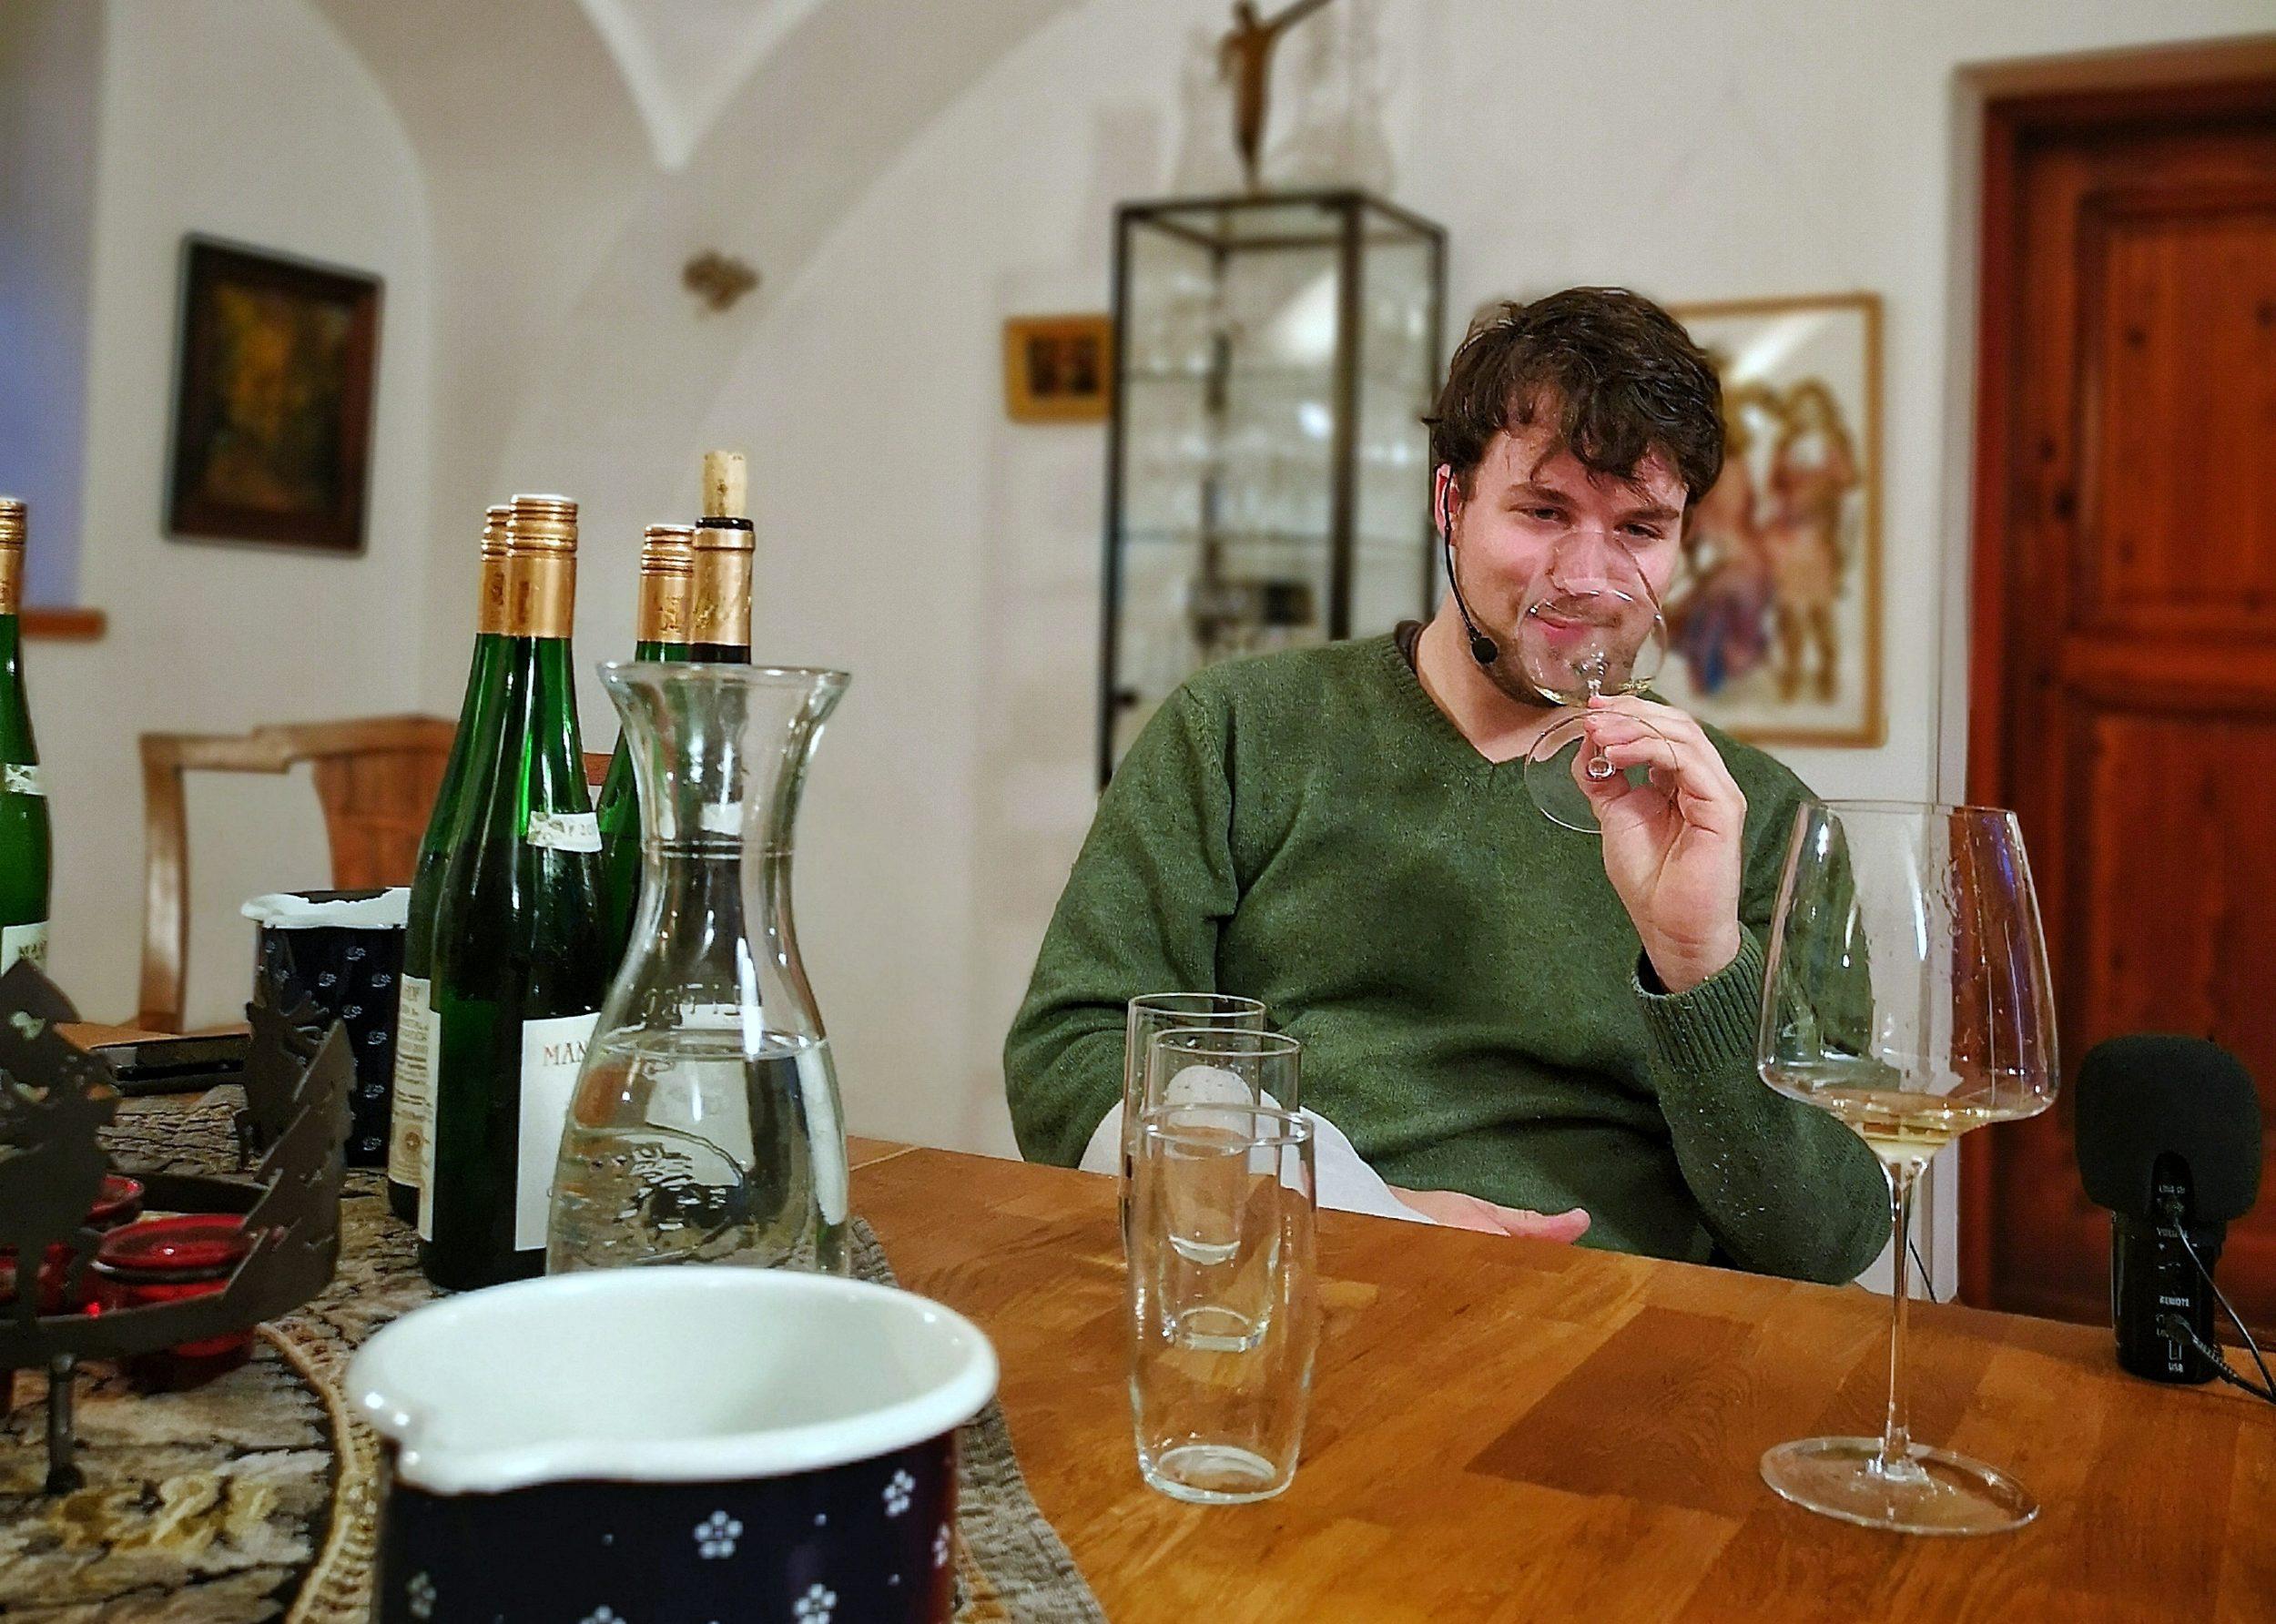 Weingut Mantlerhof Interview